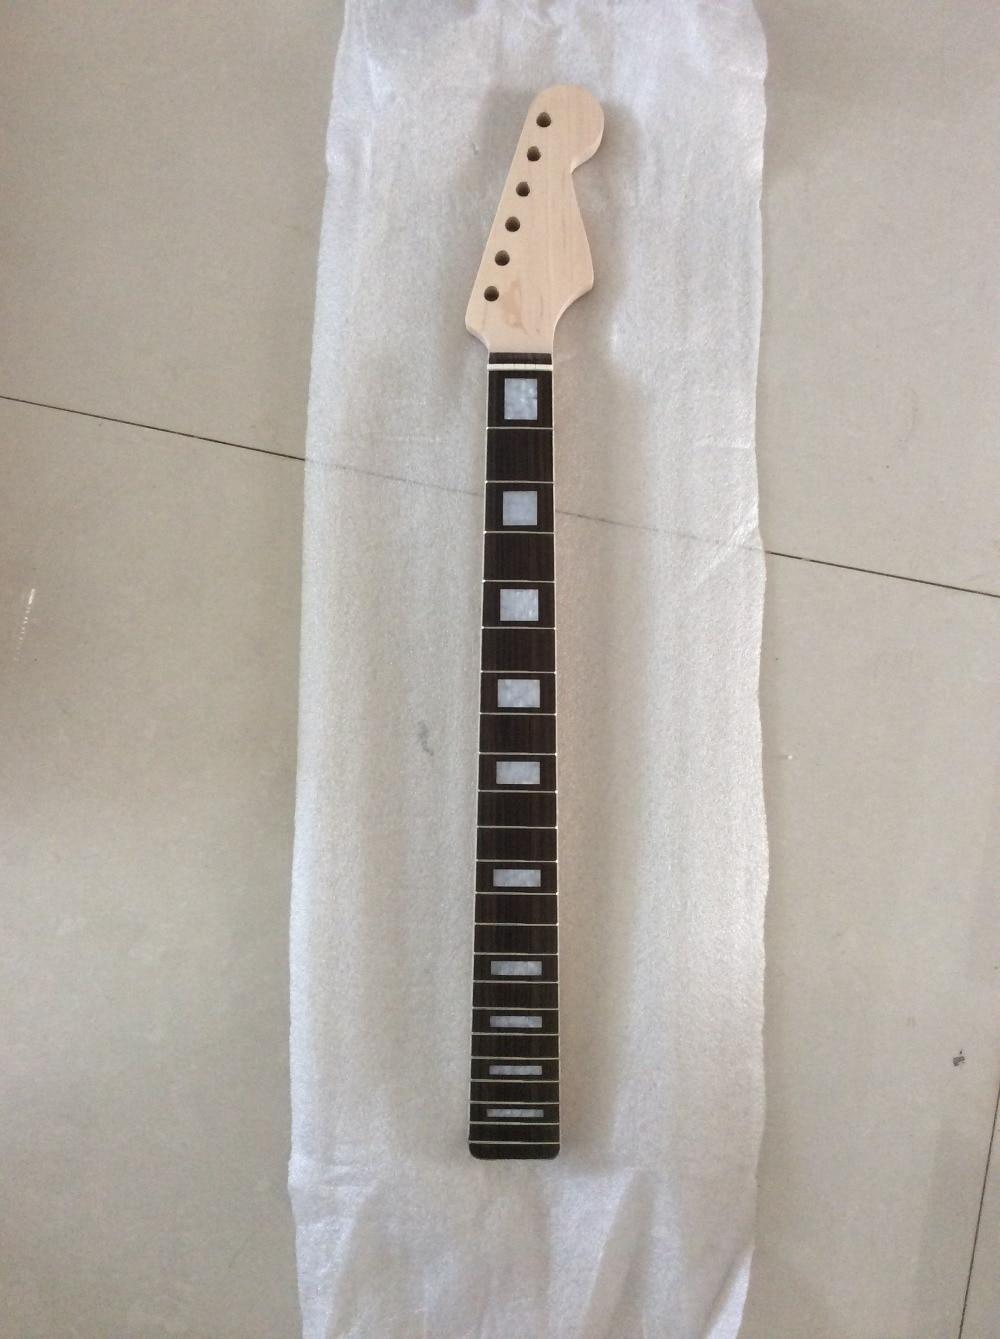 Гриф для гитары одна часть незаконченная электрогитара ST гитарные части 648 мм (25 5